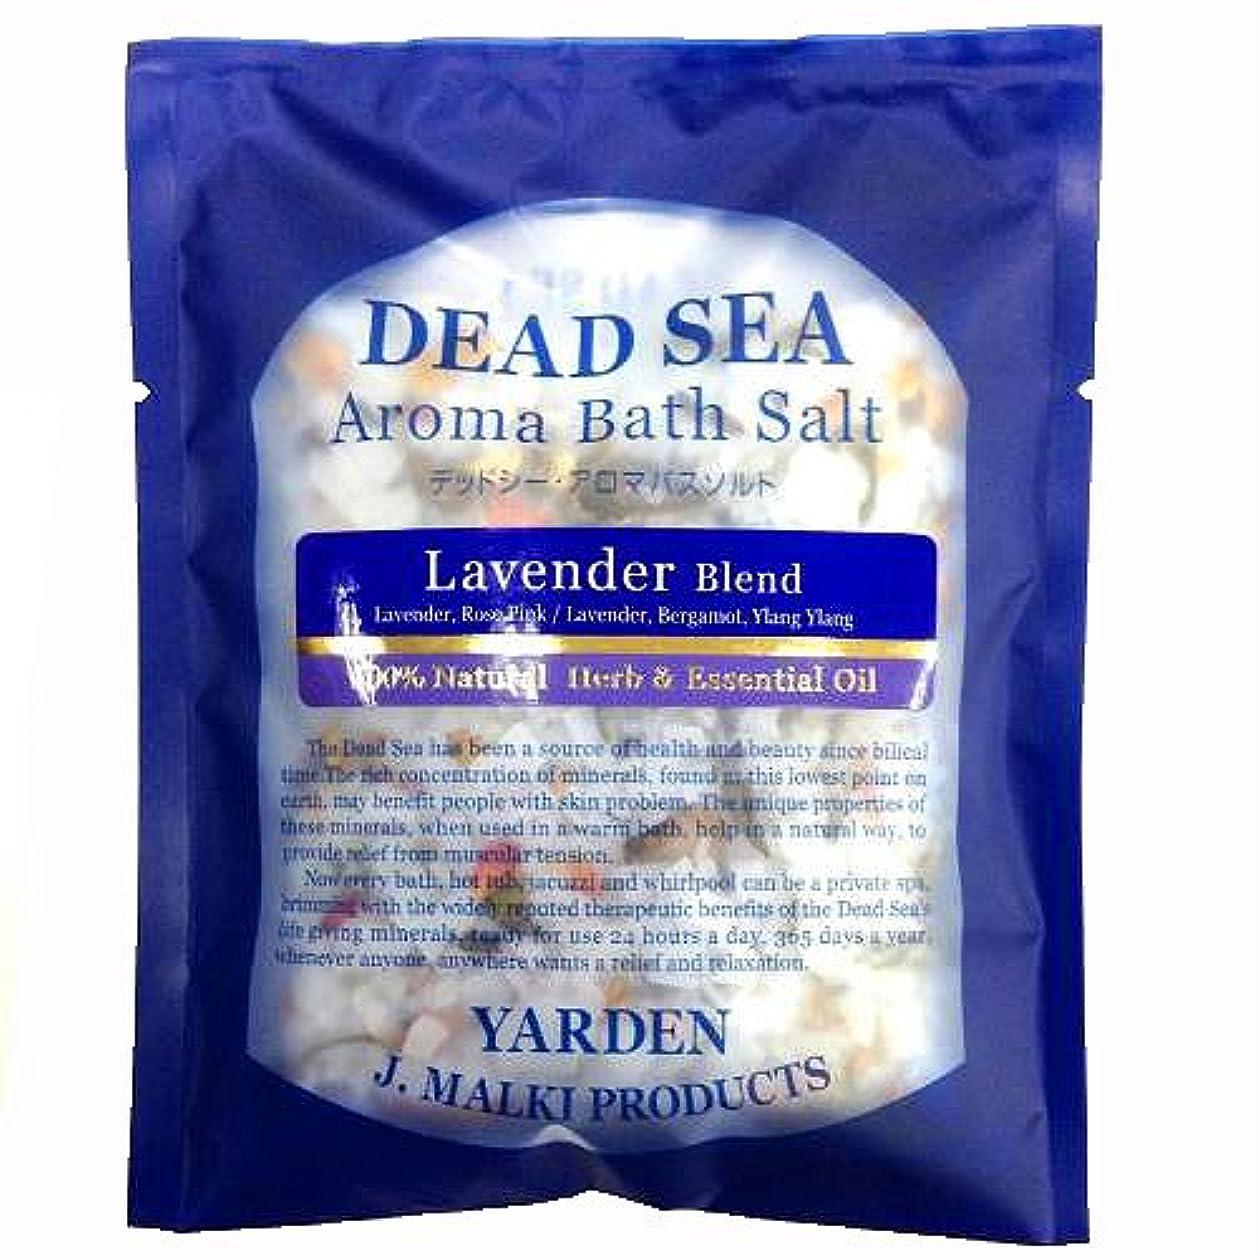 デッドシー?アロマバスソルト/ラベンダーブレンド 80g 【DEAD SEA AROMA BATH SALT】死海の塩+精油+ハーブ/入浴剤(入浴用化粧品)【正規販売店】